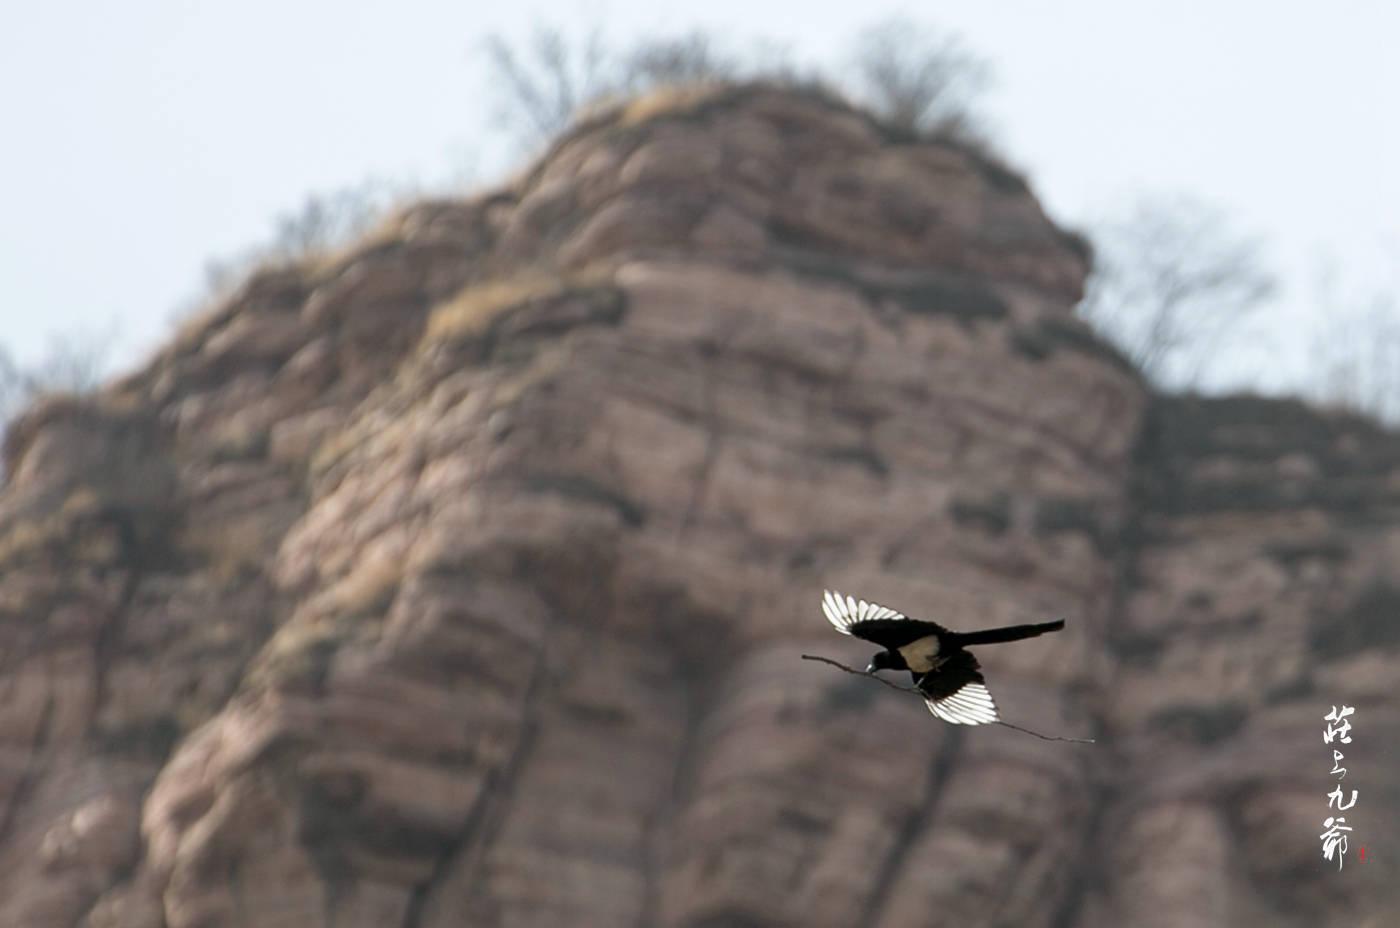 原创             正月里来春来早 甘陶河上苍鹭飞